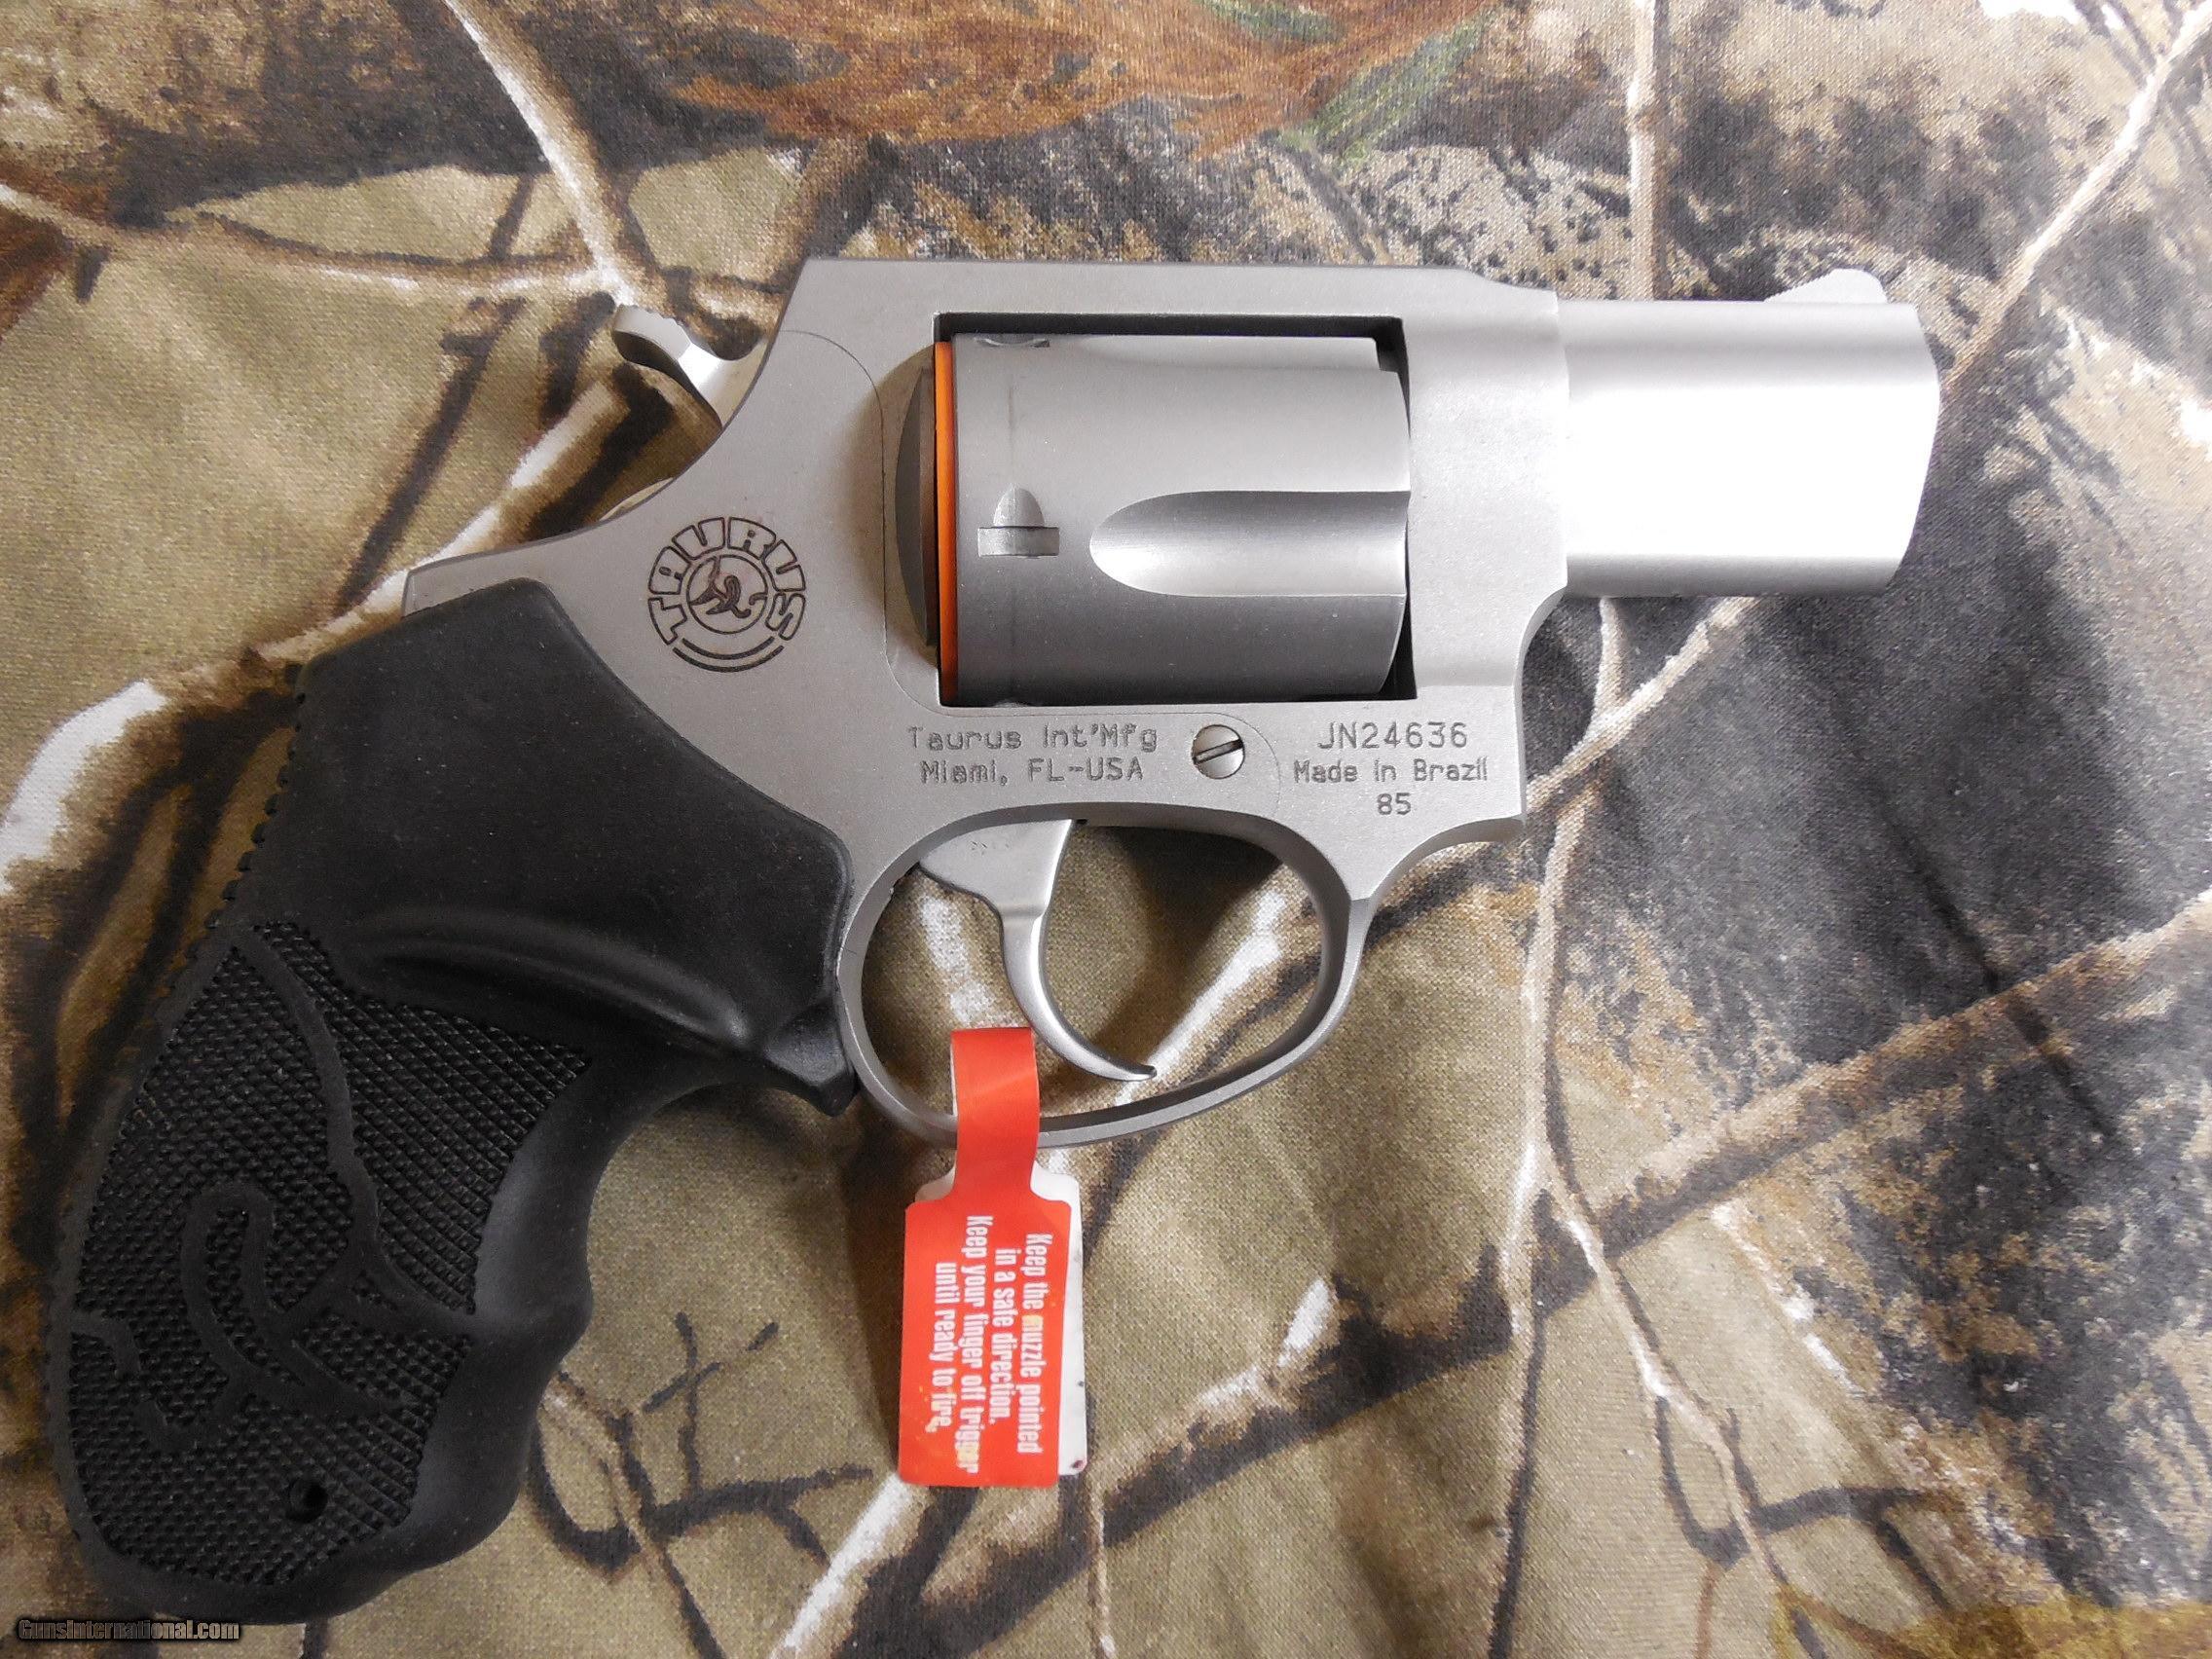 TAURUS Model 85, 38 Special 2